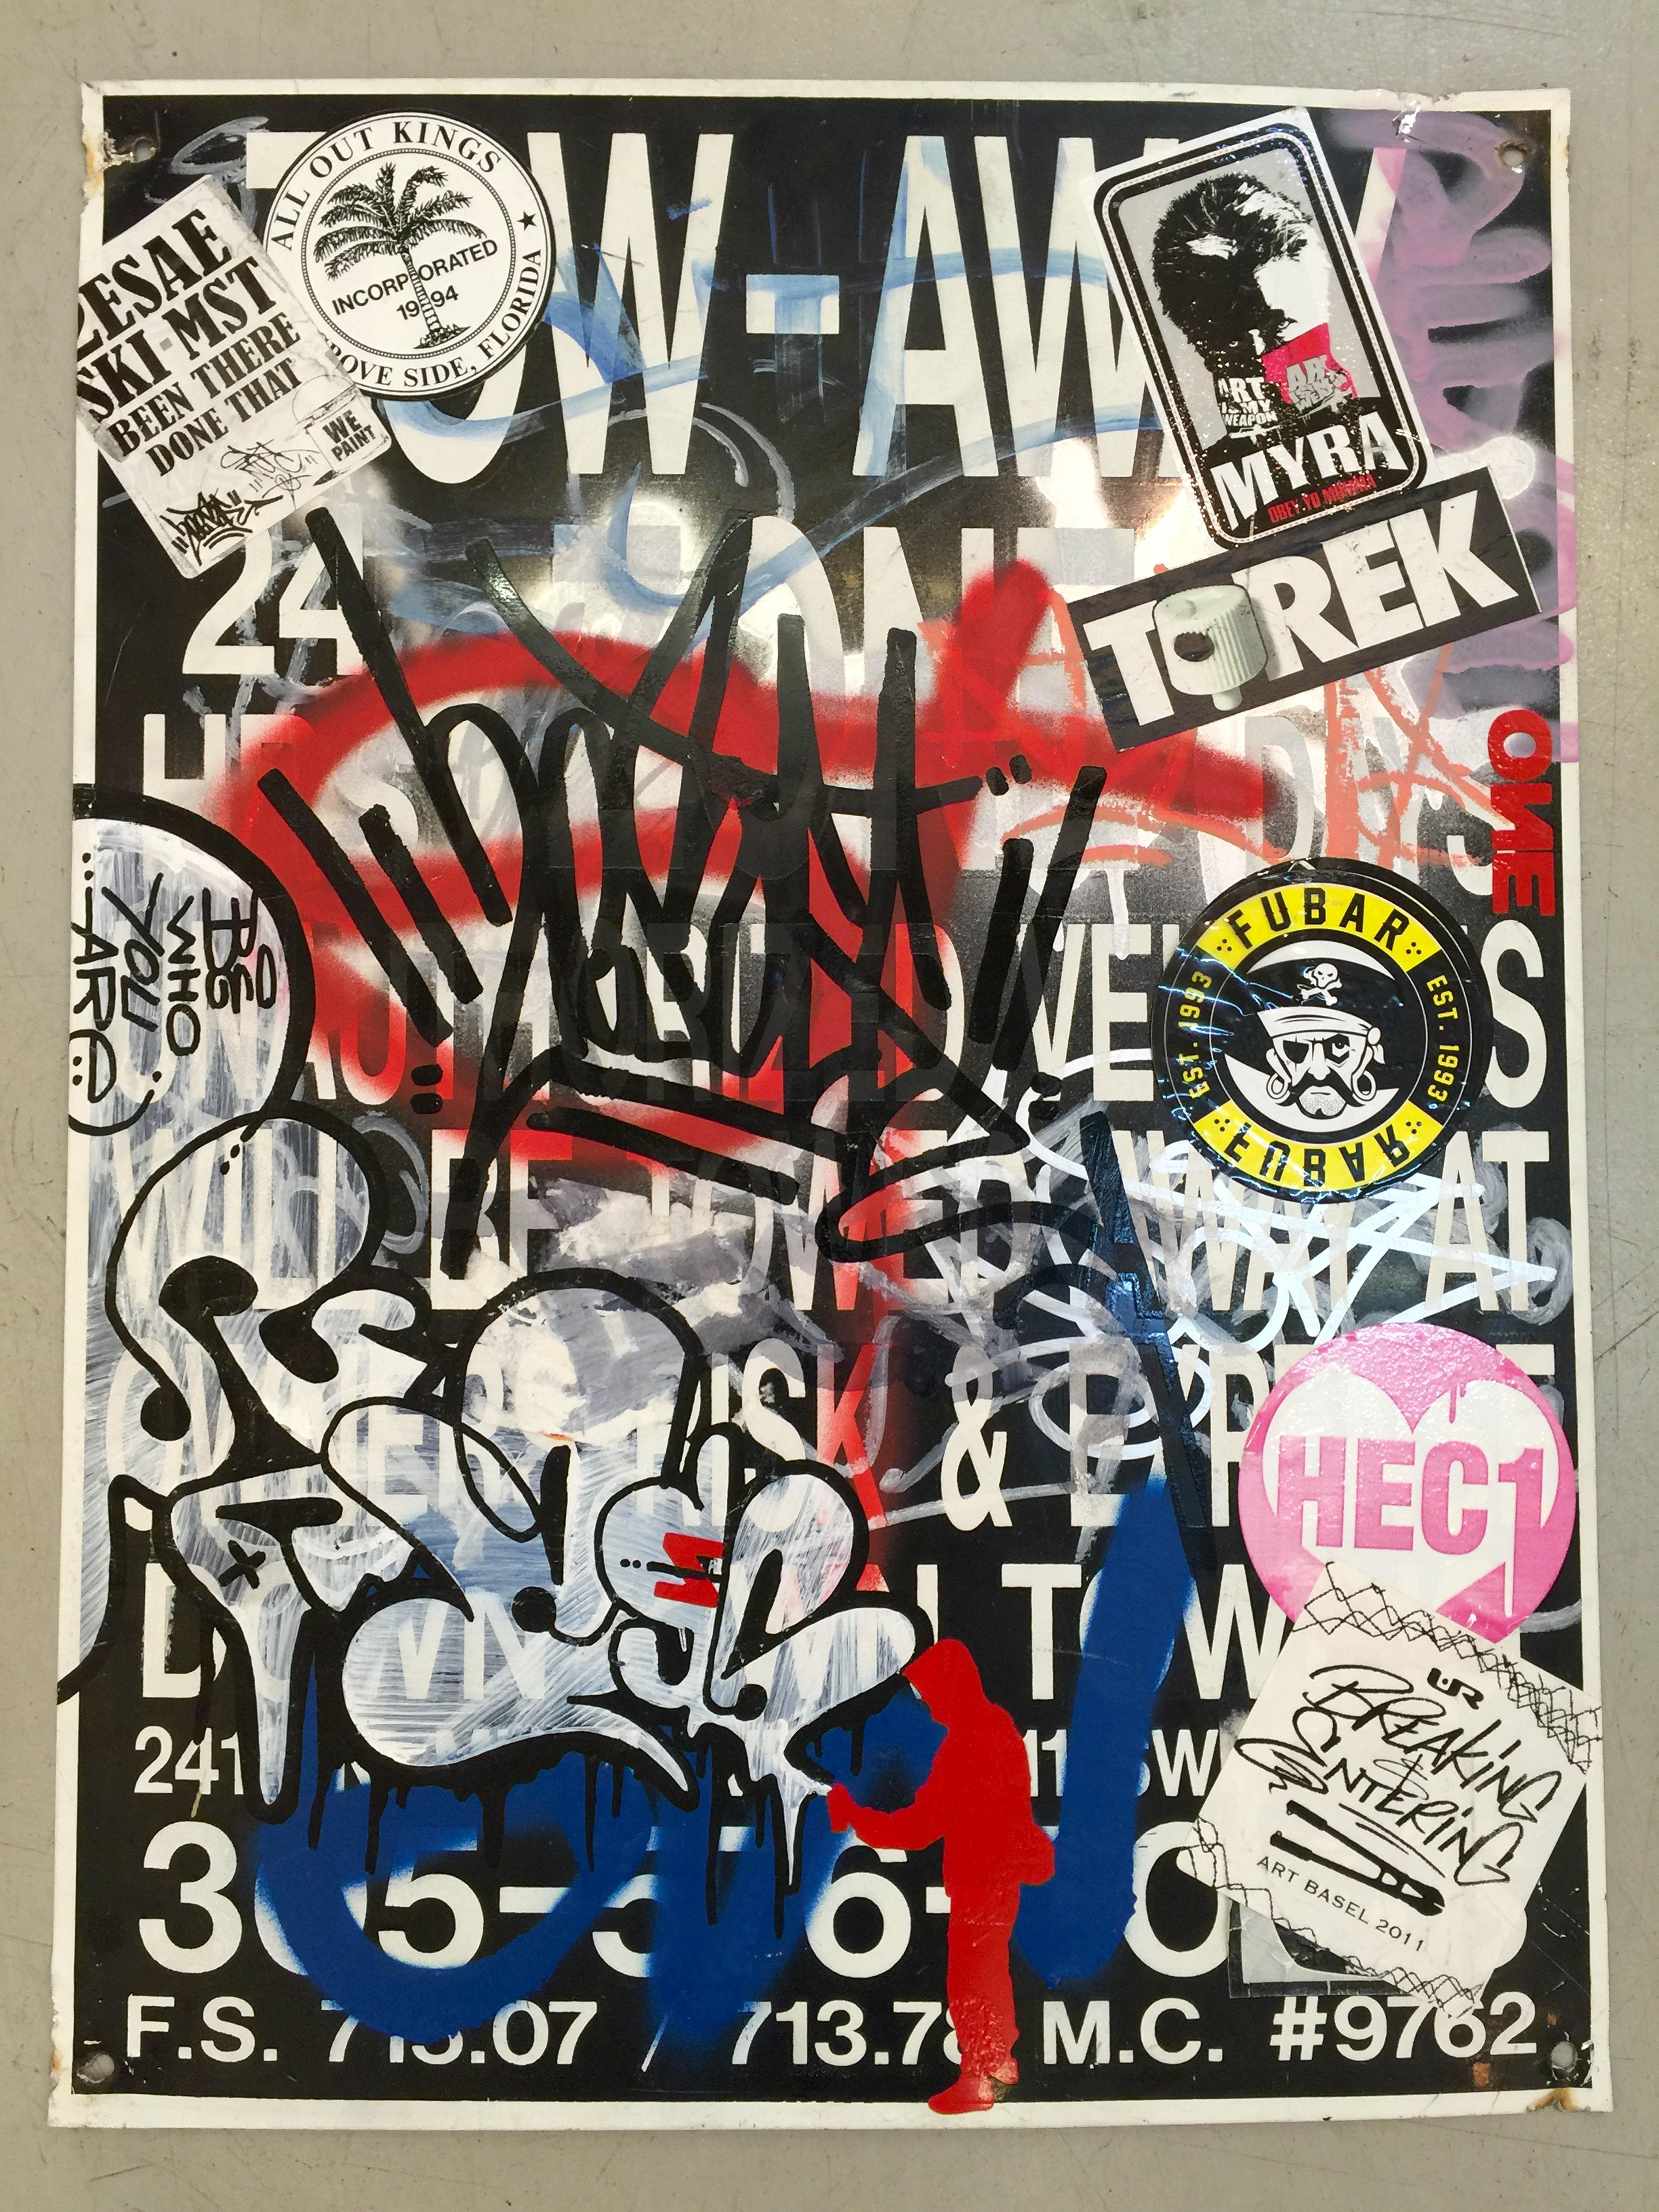 Art_Of_Graffiti